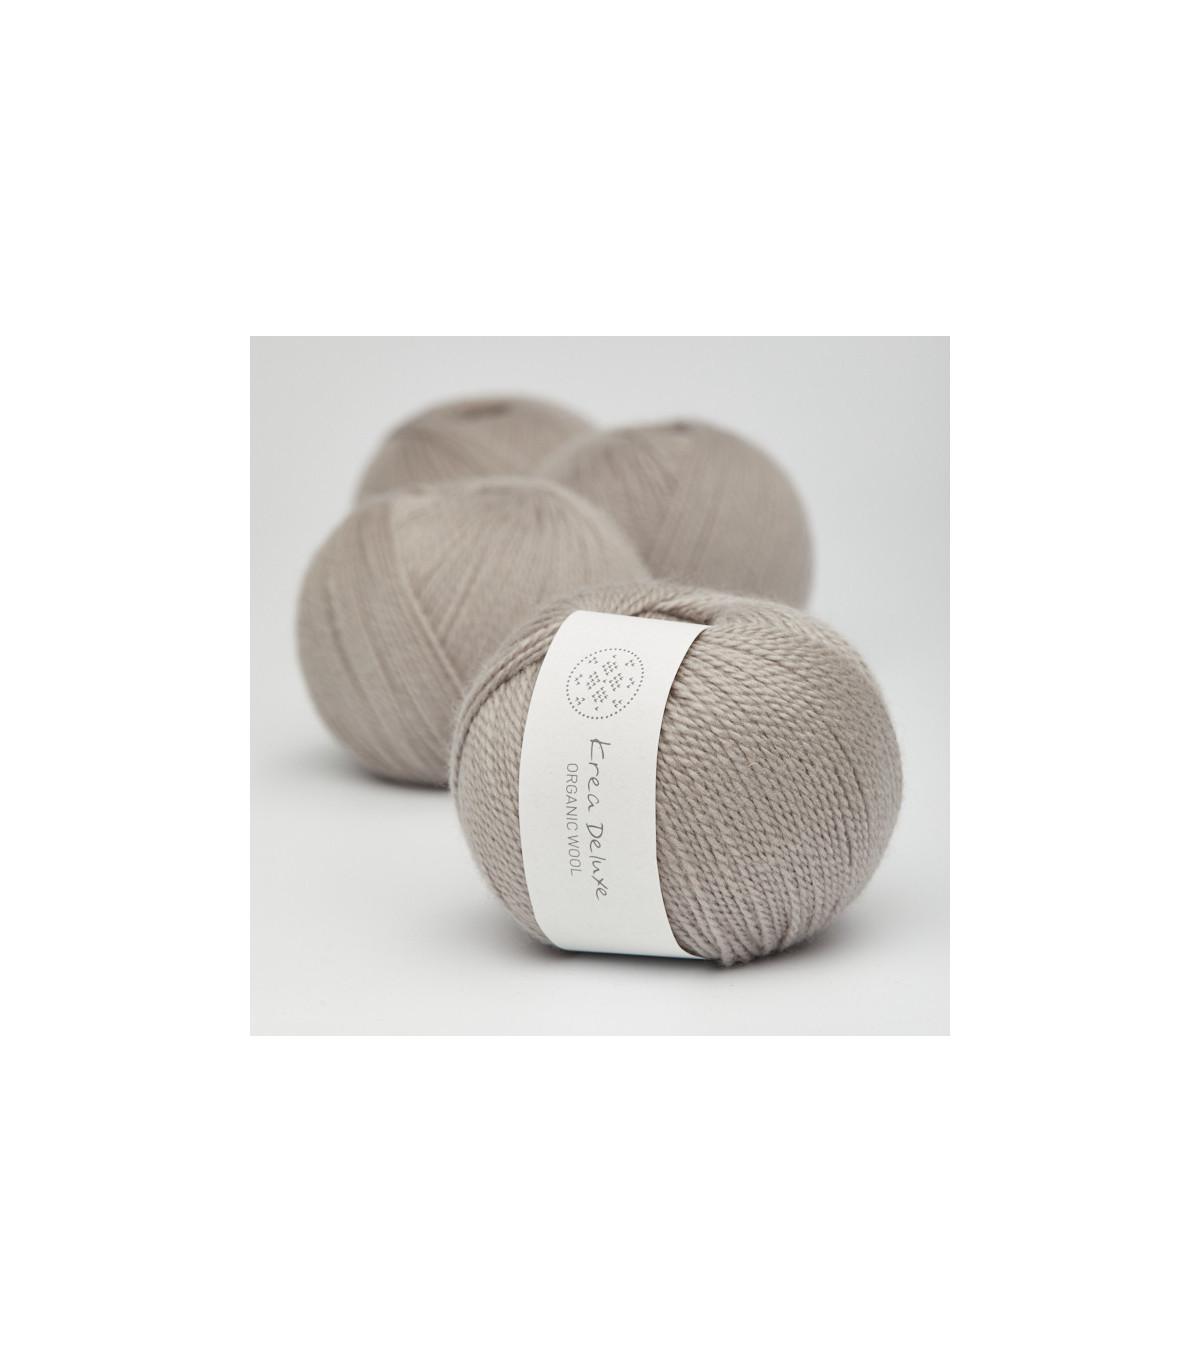 Wool 1 (Neu) - Krea Deluxe in der Farbe W 19 Warmes Grau